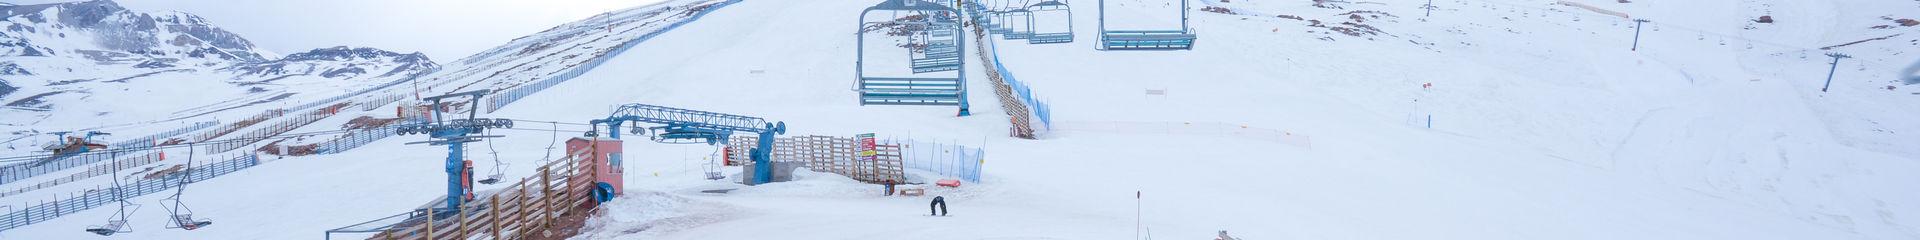 SnowPak and SkiTown